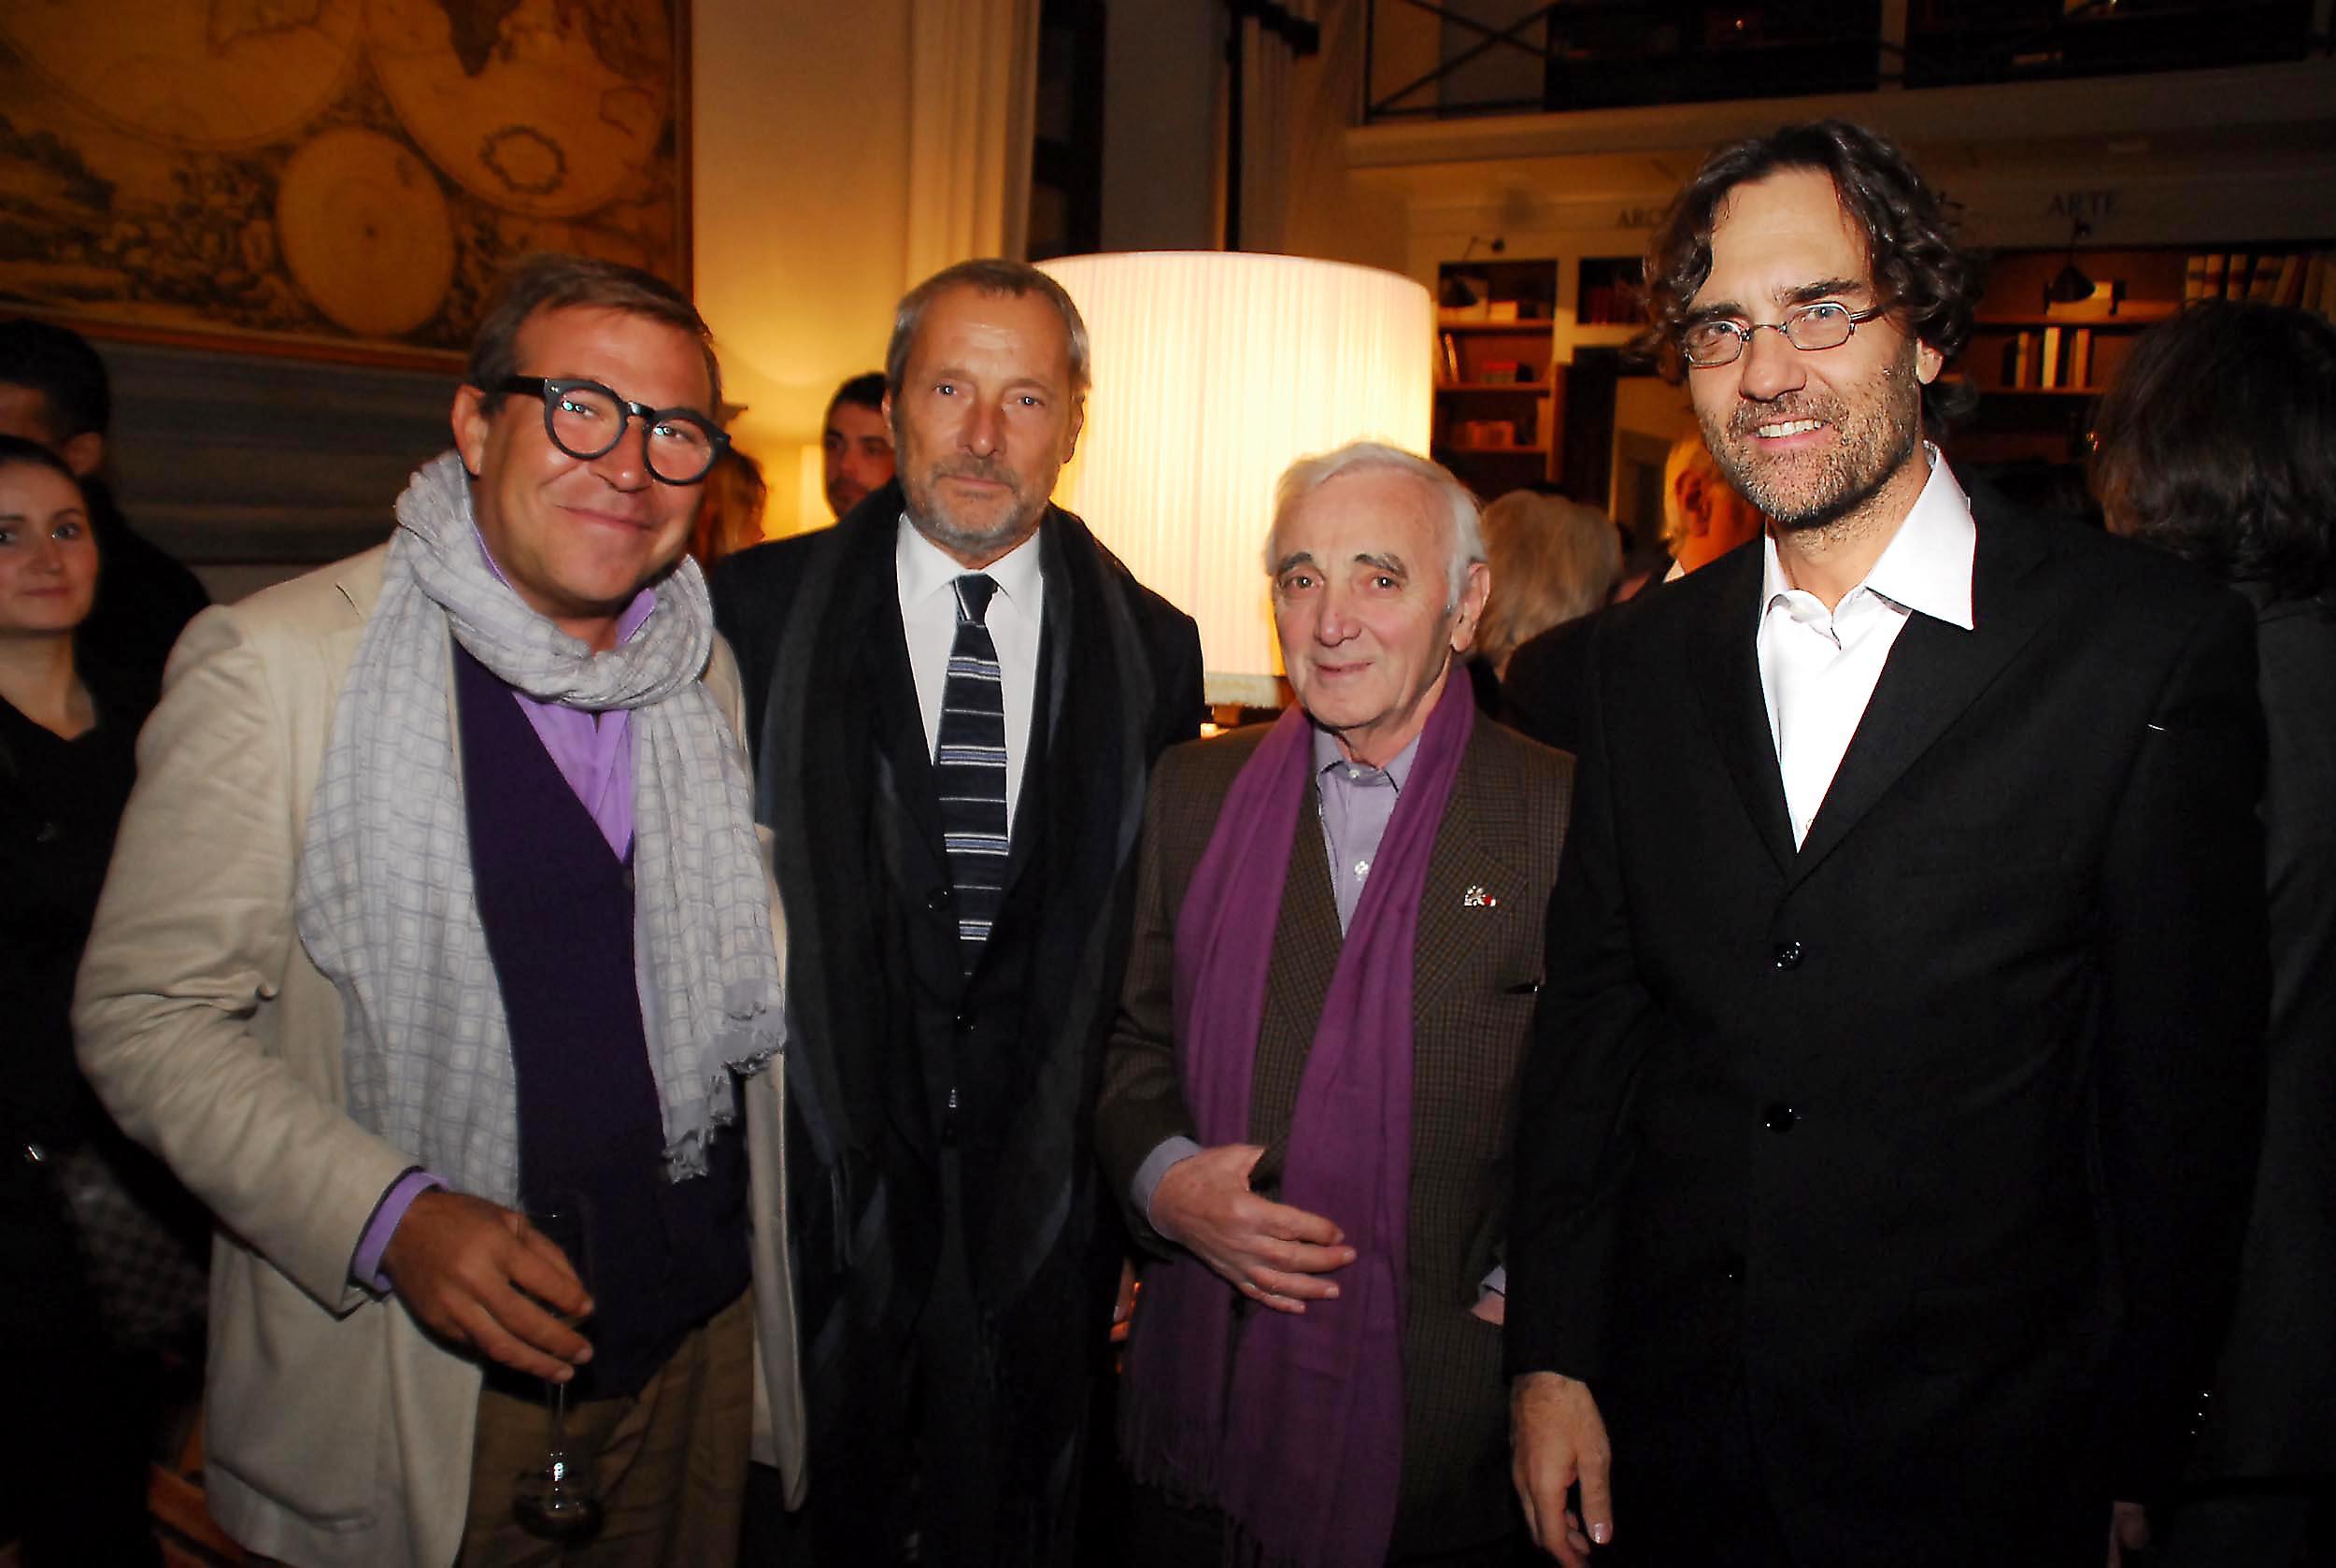 PRESSPHOTO Firenze, Cinema Odeon, Renzi assegna il Fiorino d'oro a Charles Aznavour, segue cena di gala a Palazzo Tornabuoni. Nella foto da sx Roberto Cicutto, Piero Maccarinelli, Aznavour e Francesco Martinotti